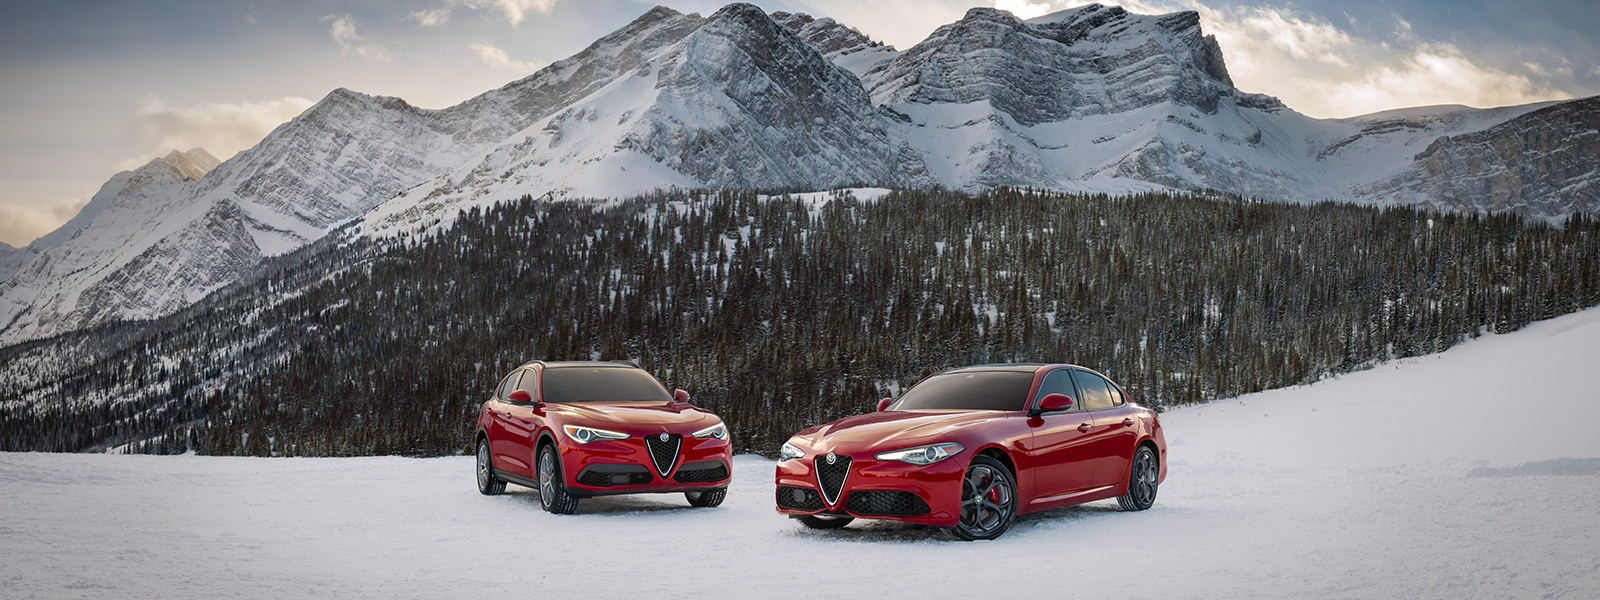 UnAlfa Romeo Giulia Ti2020 y unStelvio Ti2020 estacionados en una montaña cubierta de nieve.